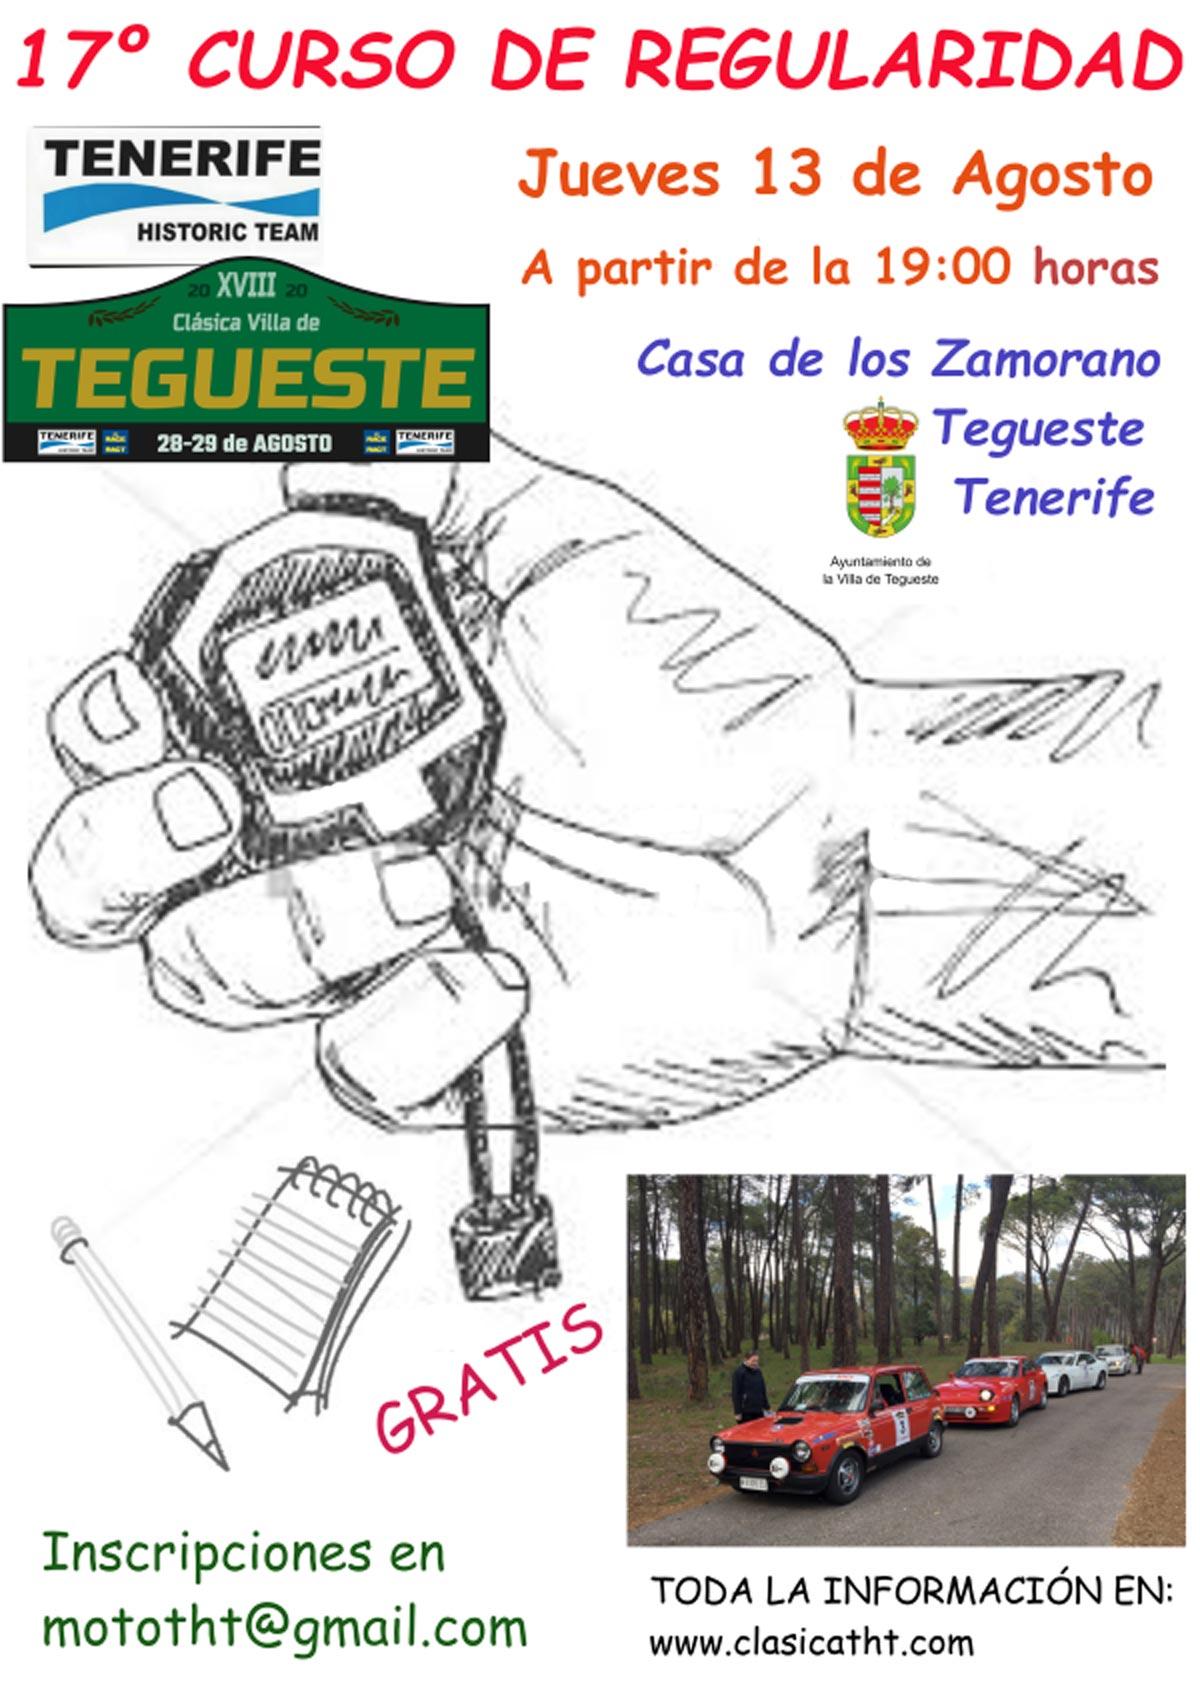 Curso iniciación a la regularidad en Tegueste